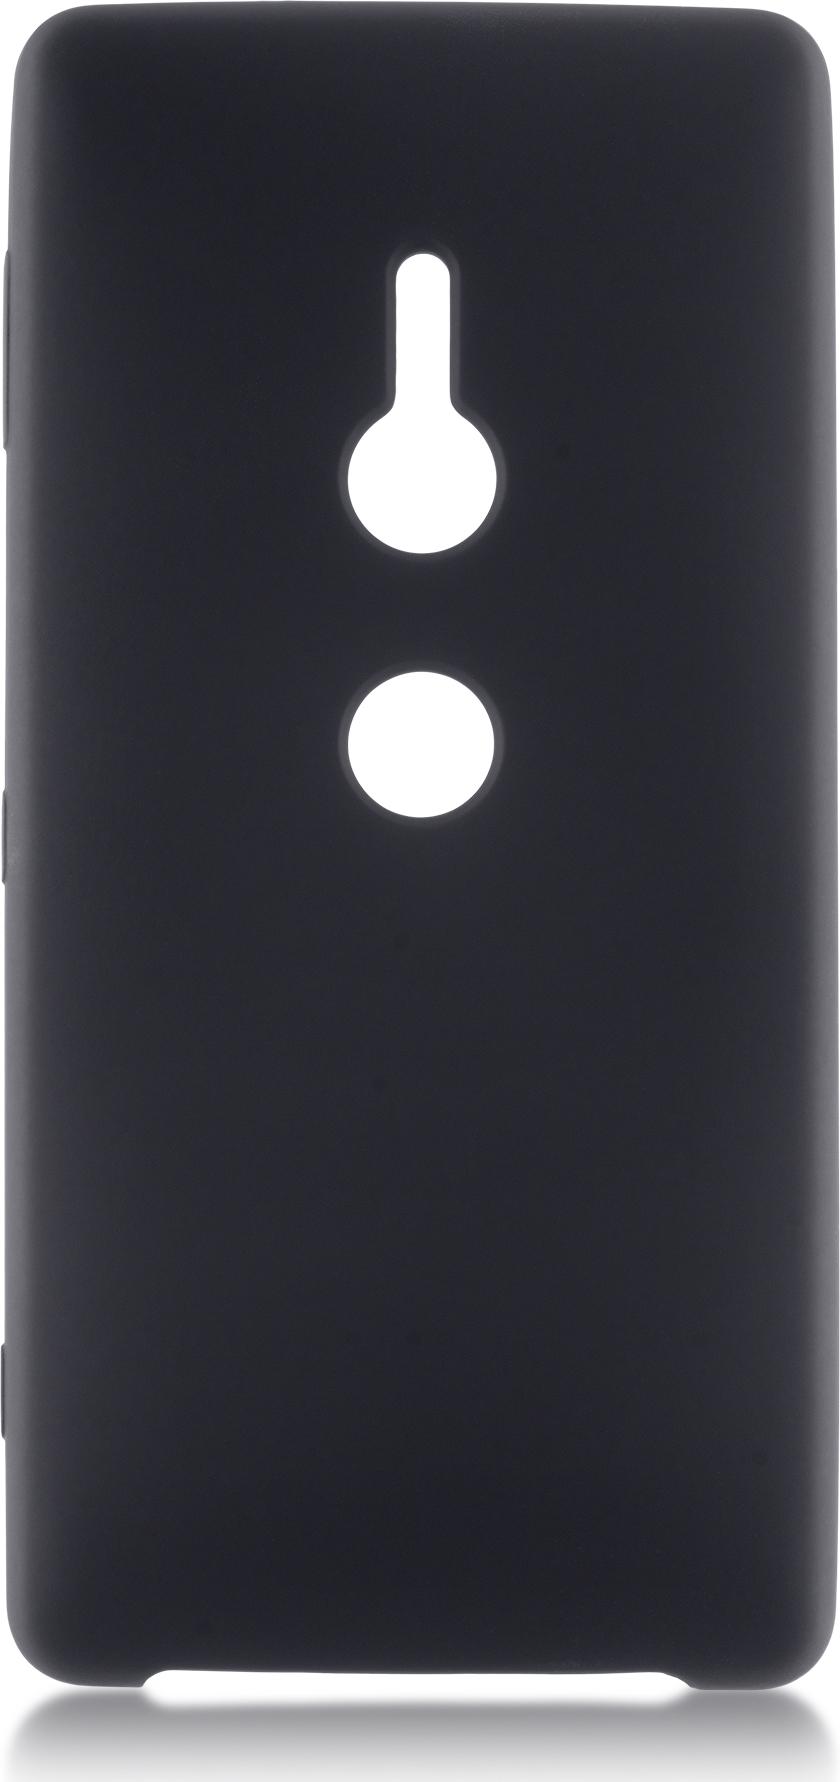 Чехол Brosco Softrubber для Sony Xperia XZ2, черный wierss розовый для sony xz2